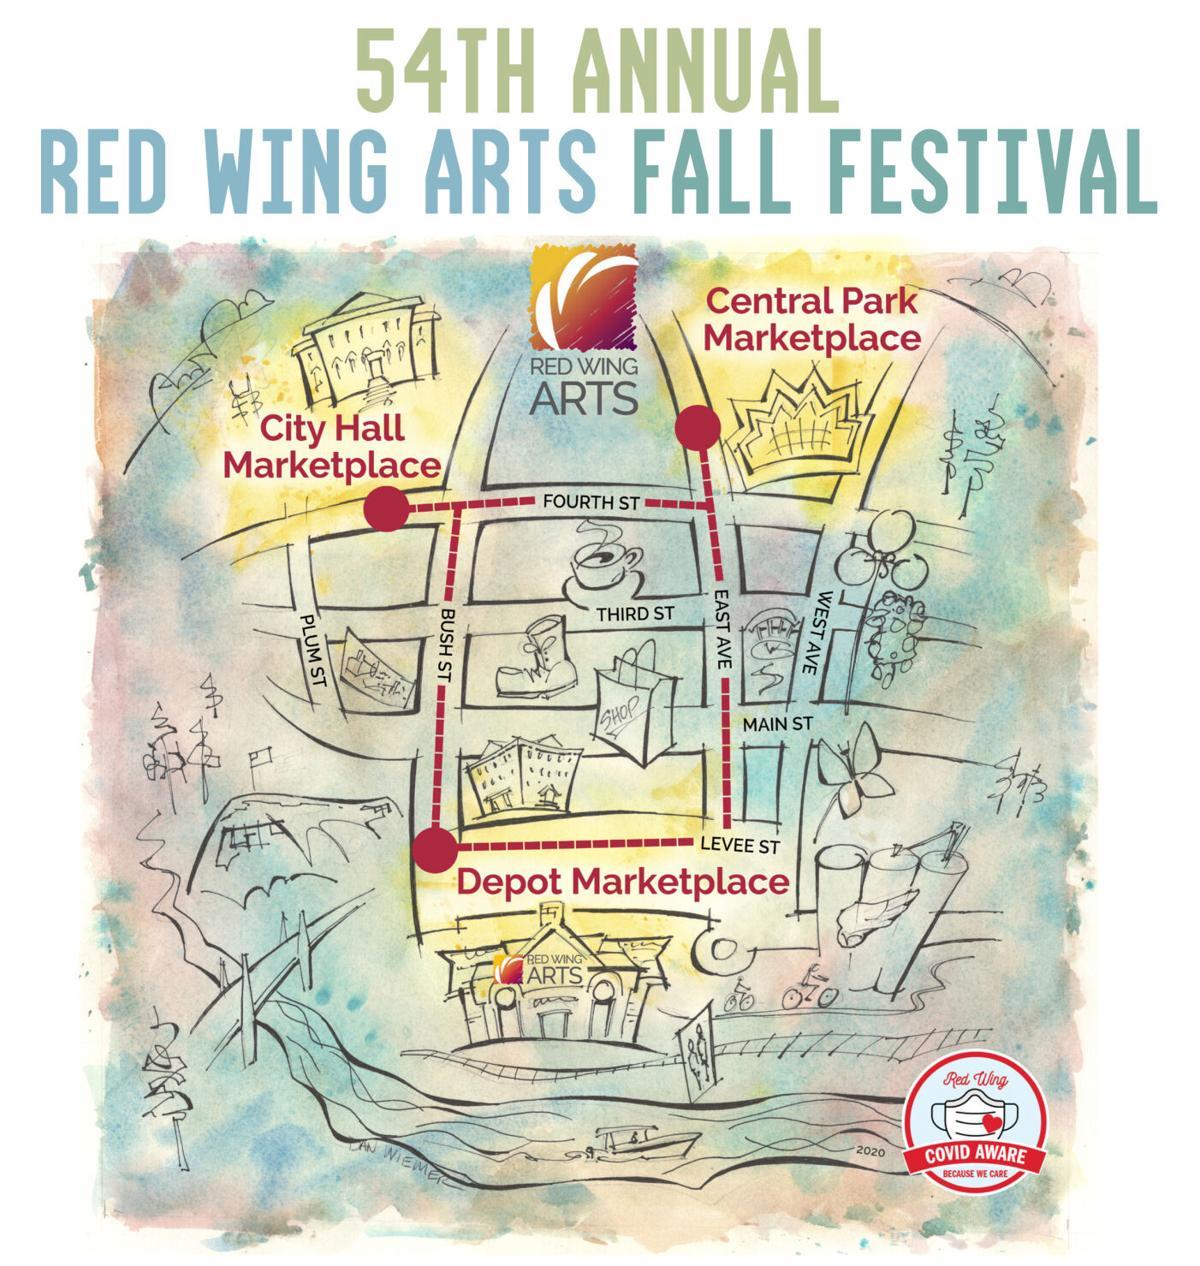 RWAA Fall Festival 2020 map.jpg